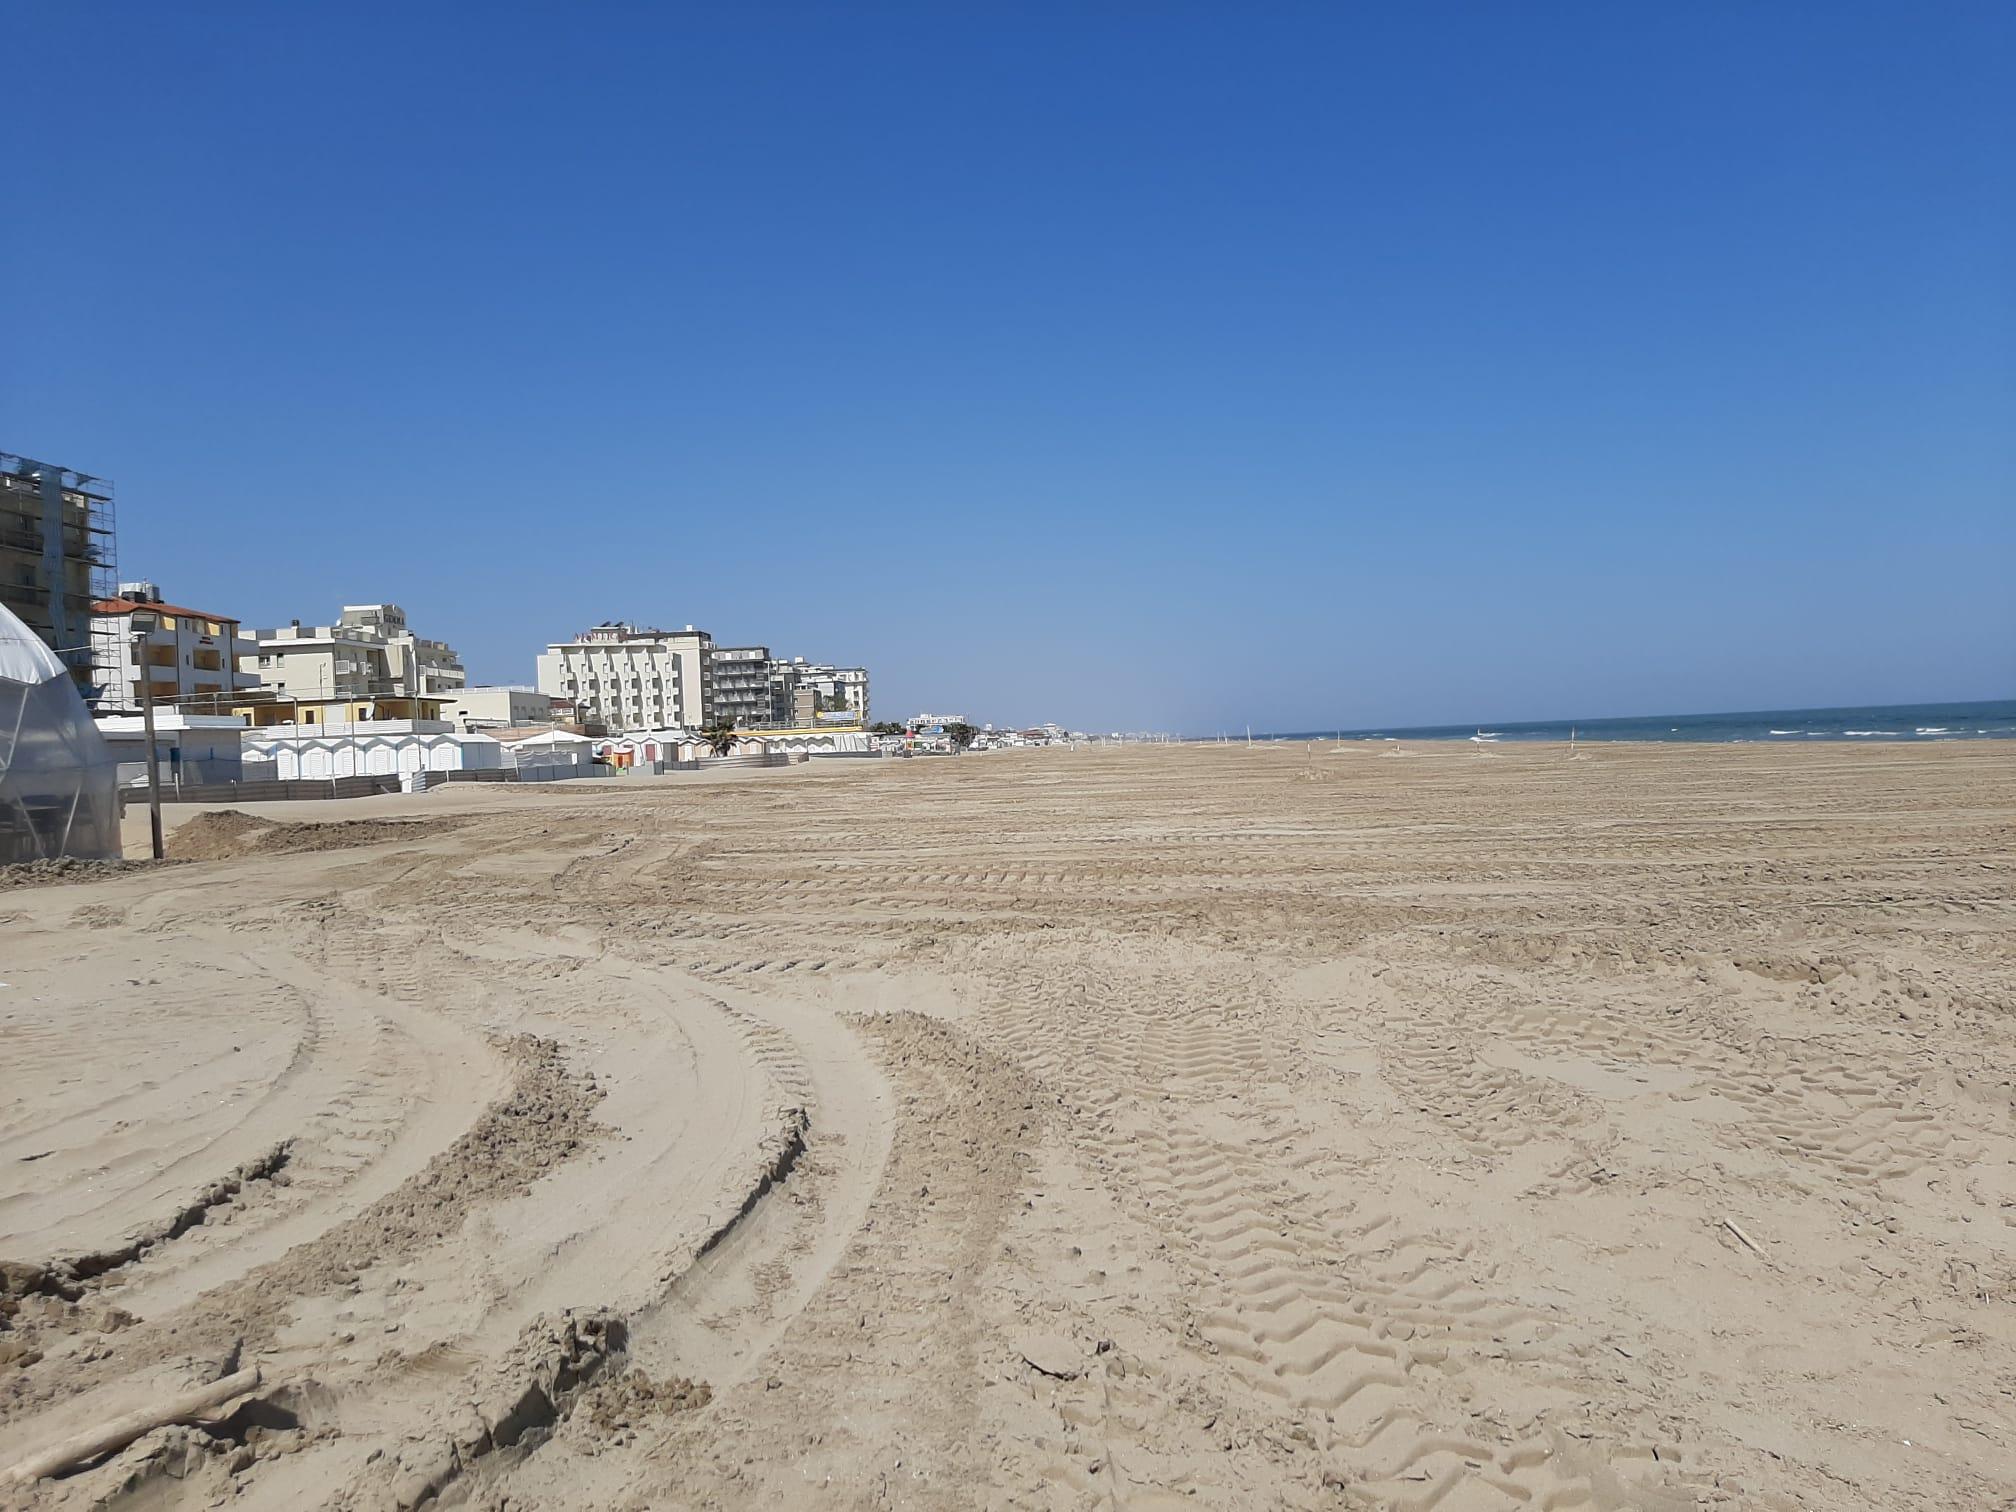 Lavori per la duna in spiaggia